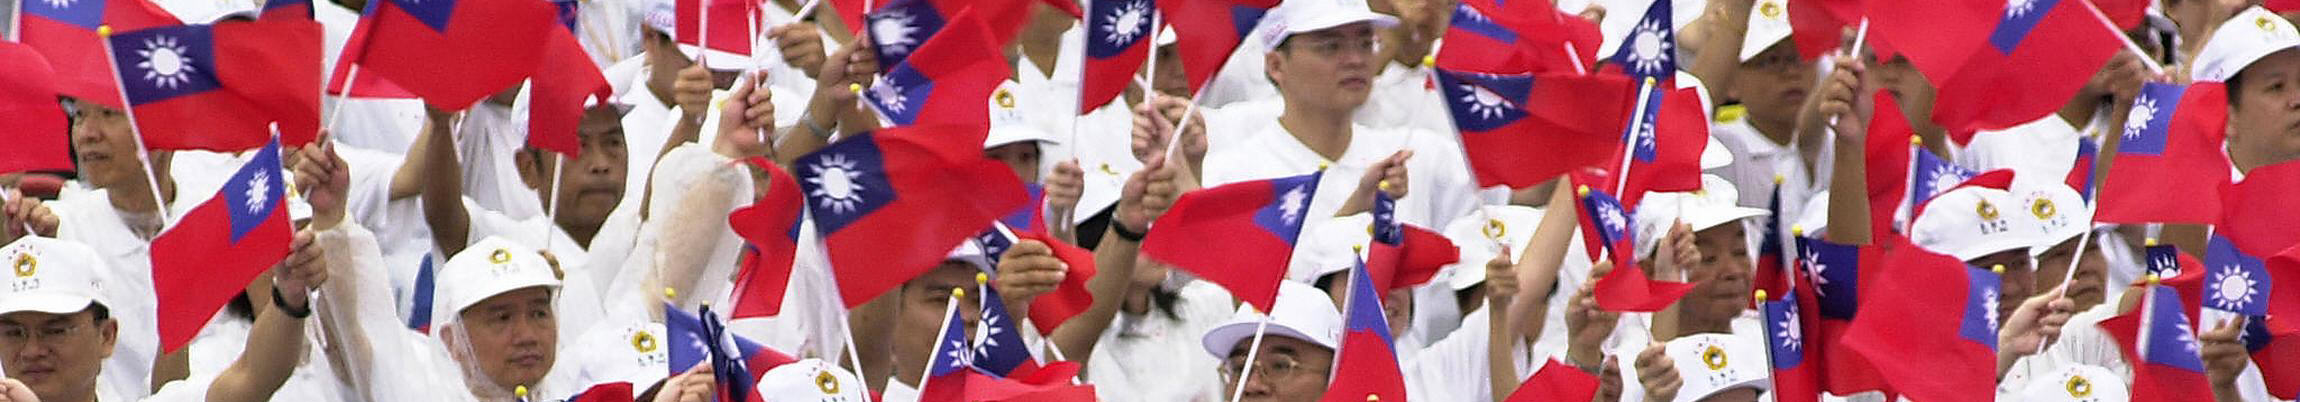 Eventi sportivi di oggi 29 marzo: notte in Nicaragua e mezzogiorno con il basket taiwanese, si chiude in Bielorussia